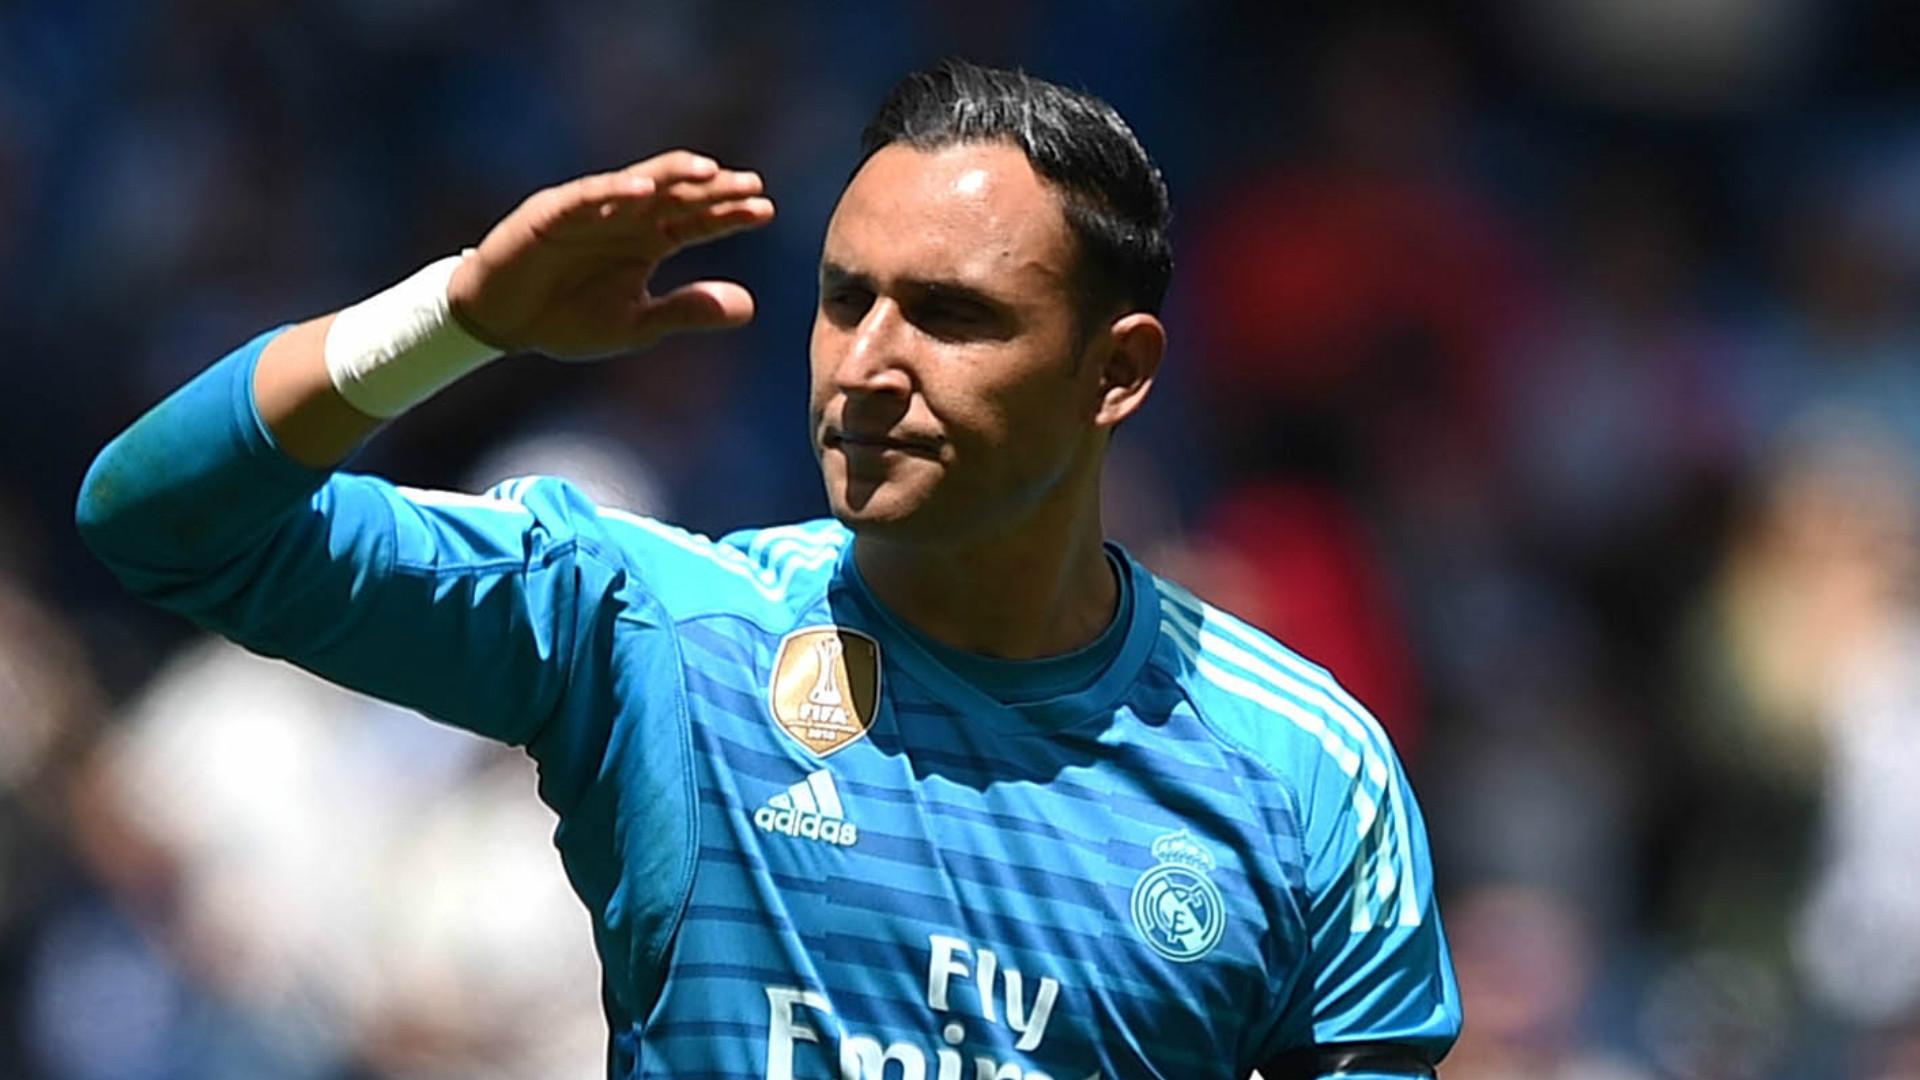 Mercato PSG : les envies de départ de Keylor Navas agaceraient le Real Madrid